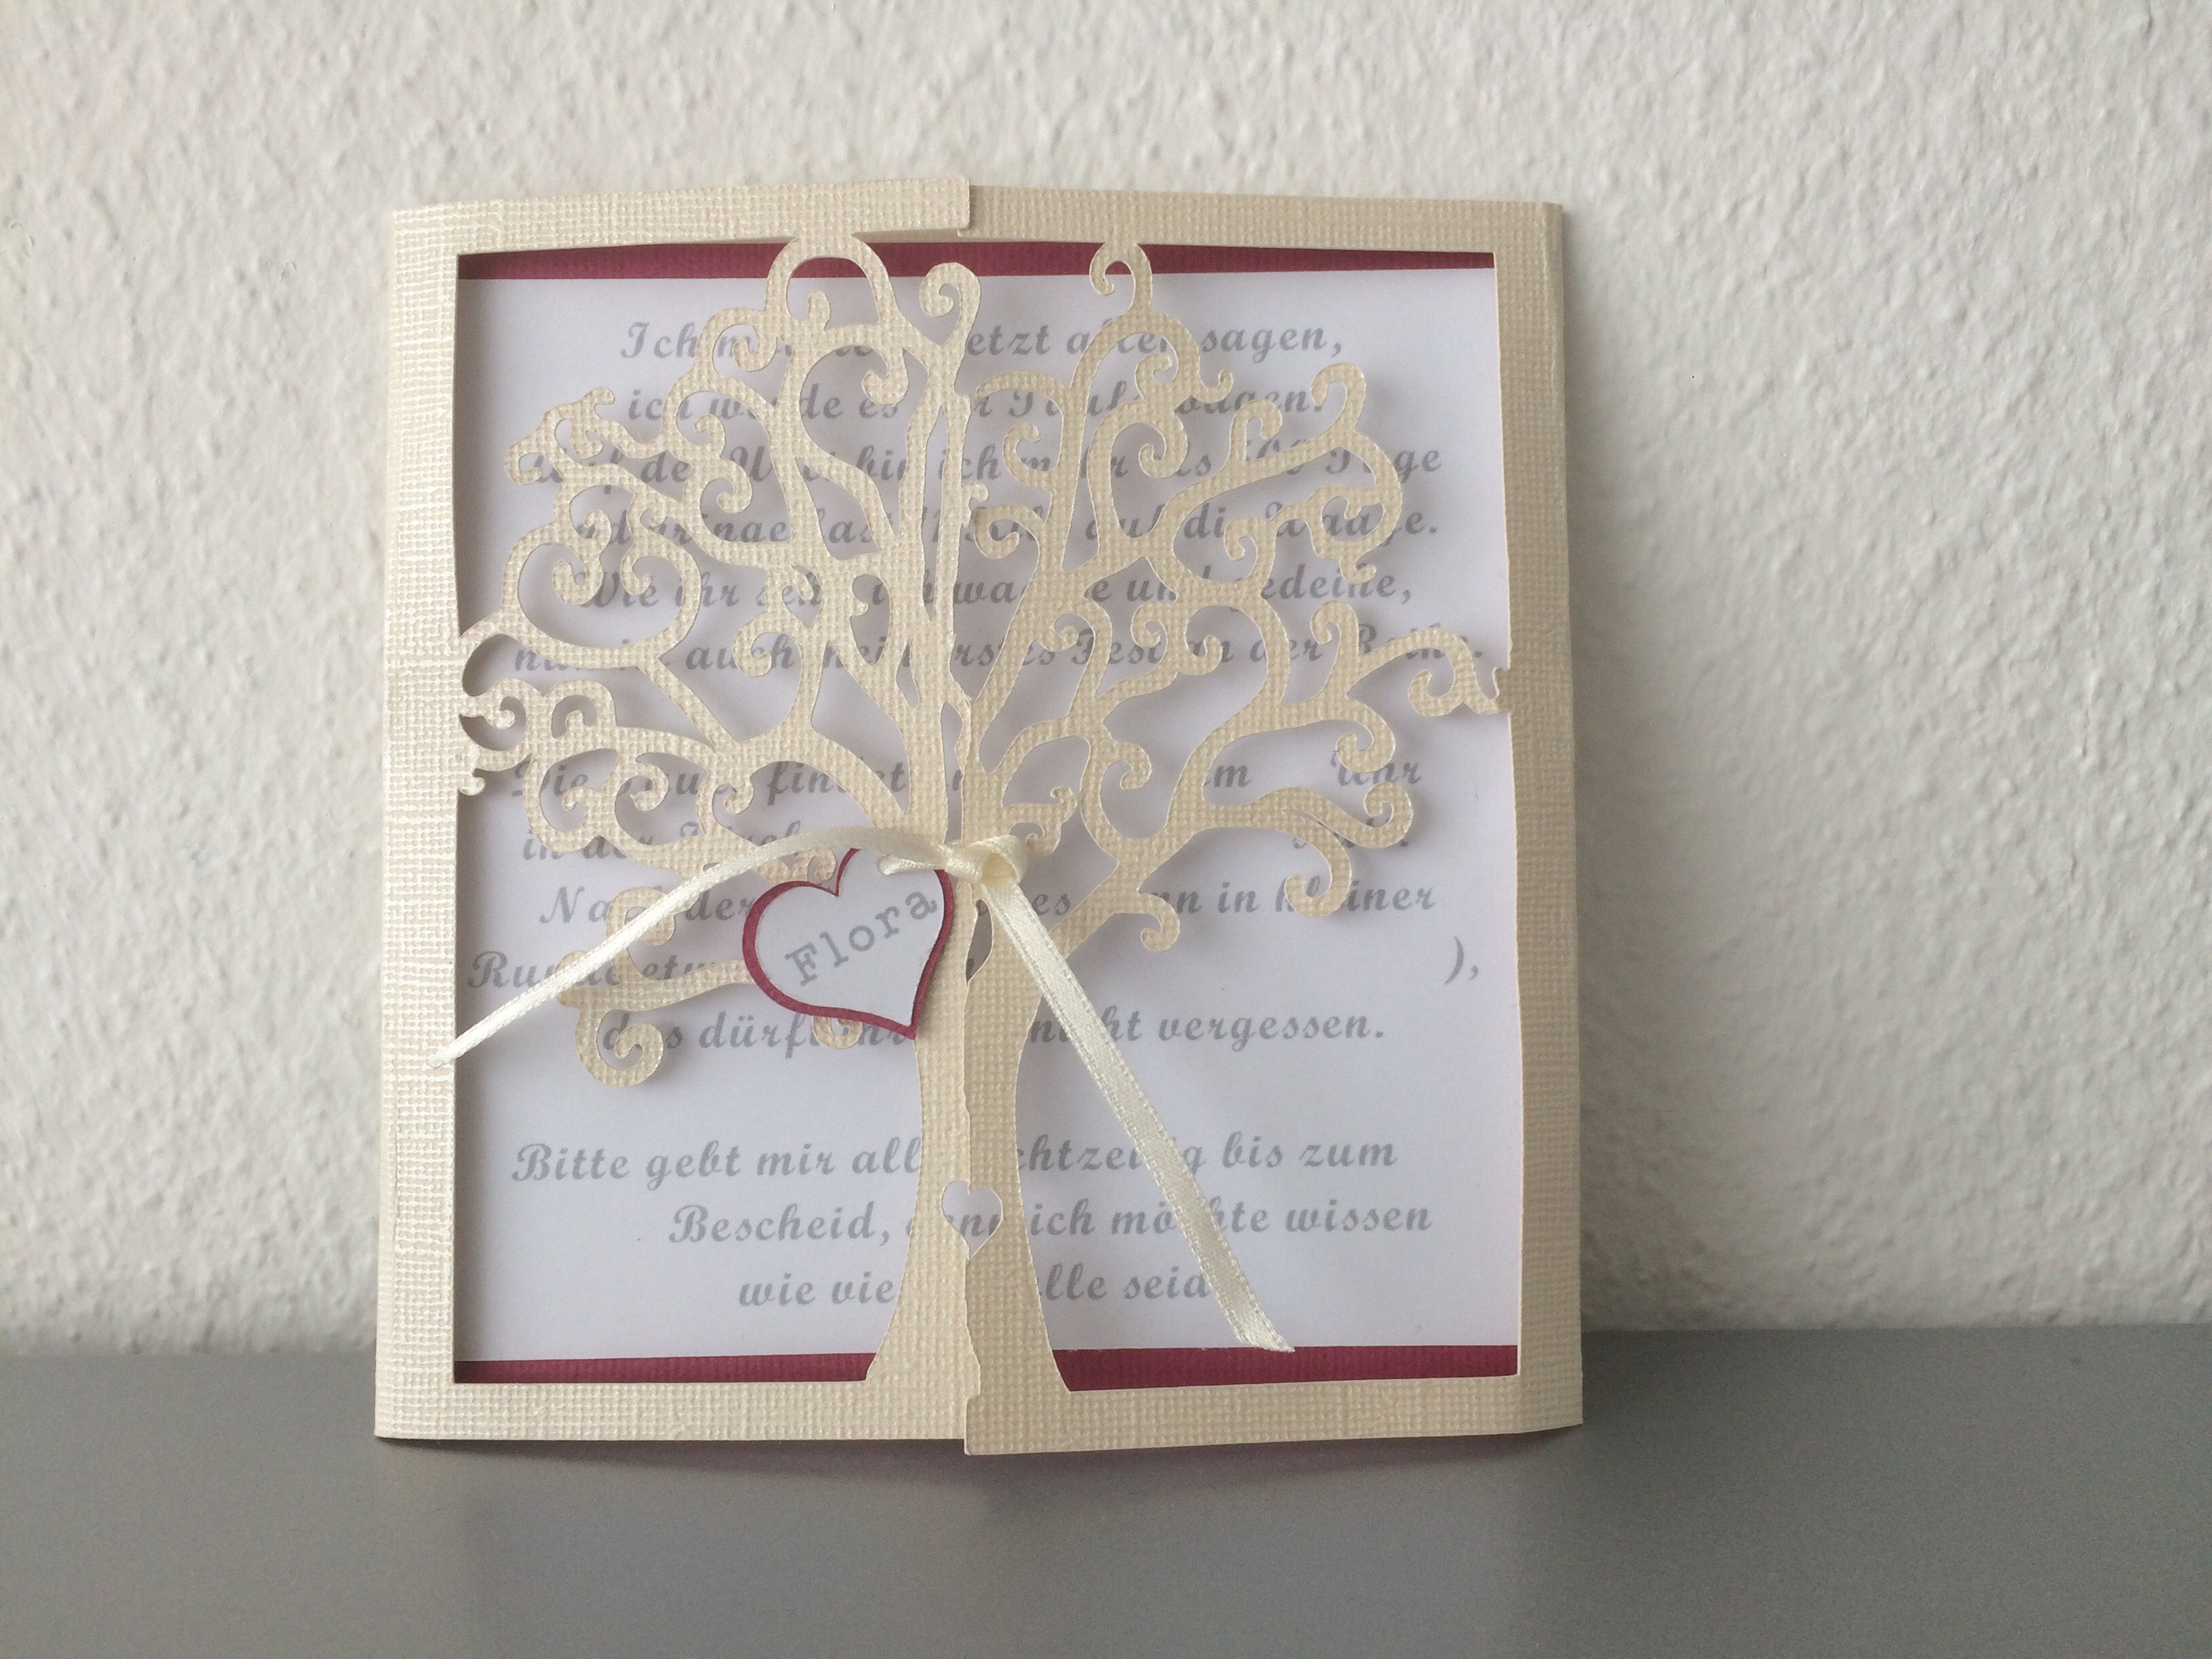 Einladung zur taufe baum butterflycards for Garderobe zur taufe